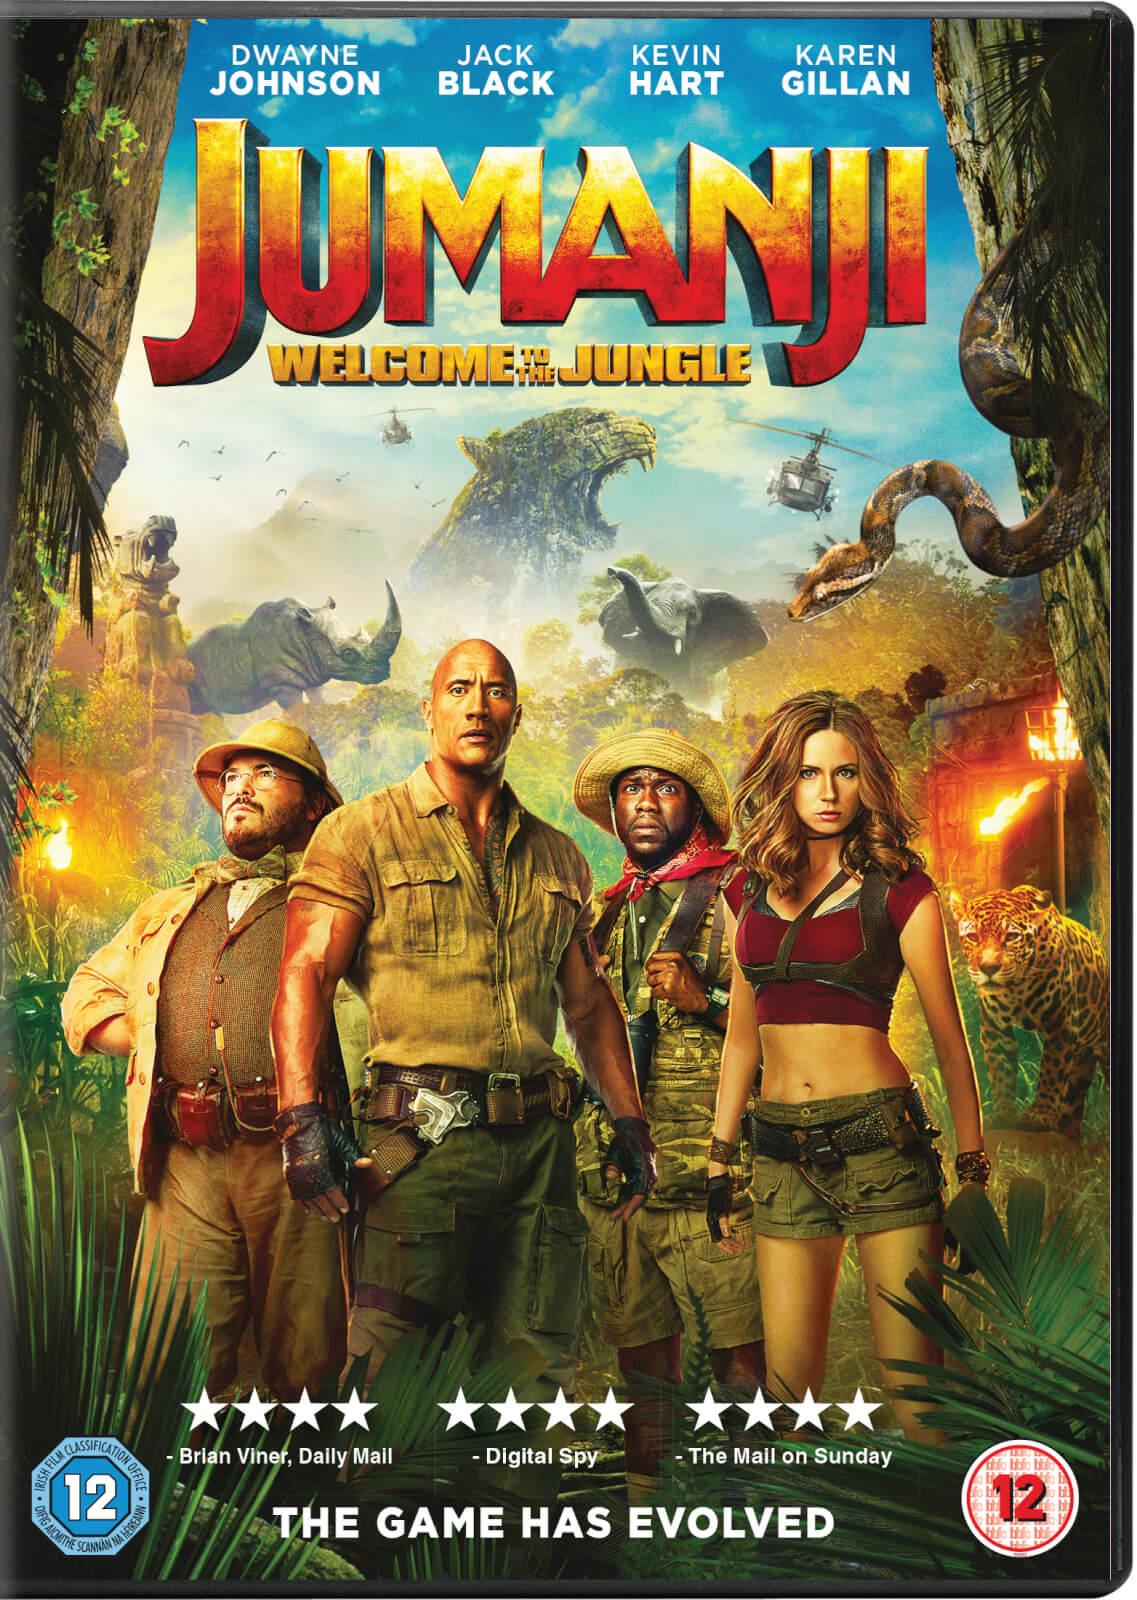 Jumanji: Welcome To The Jungle DVD | Zavvi